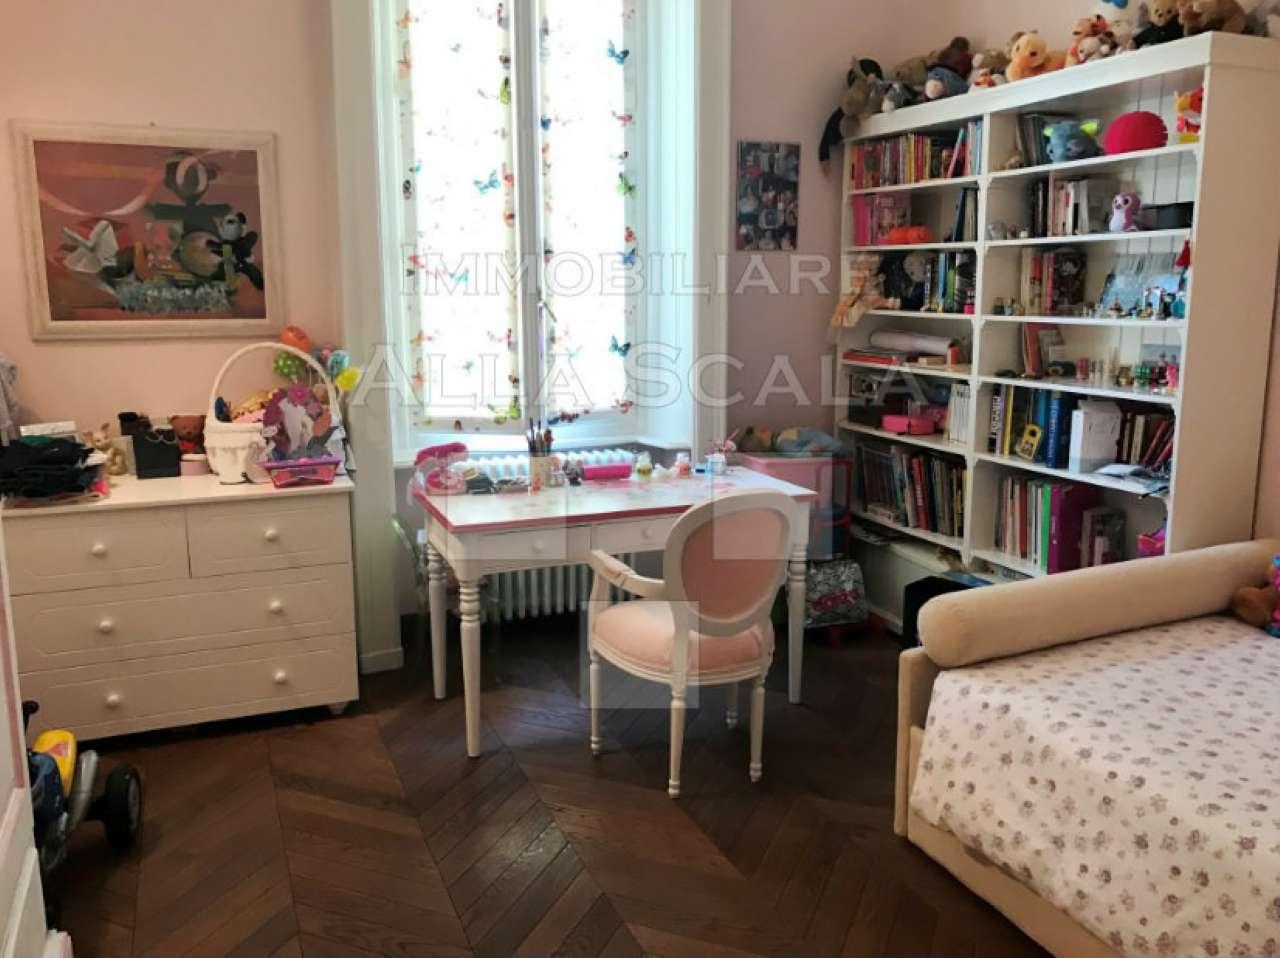 Appartamento in Vendita a Milano: 4 locali, 240 mq - Foto 7